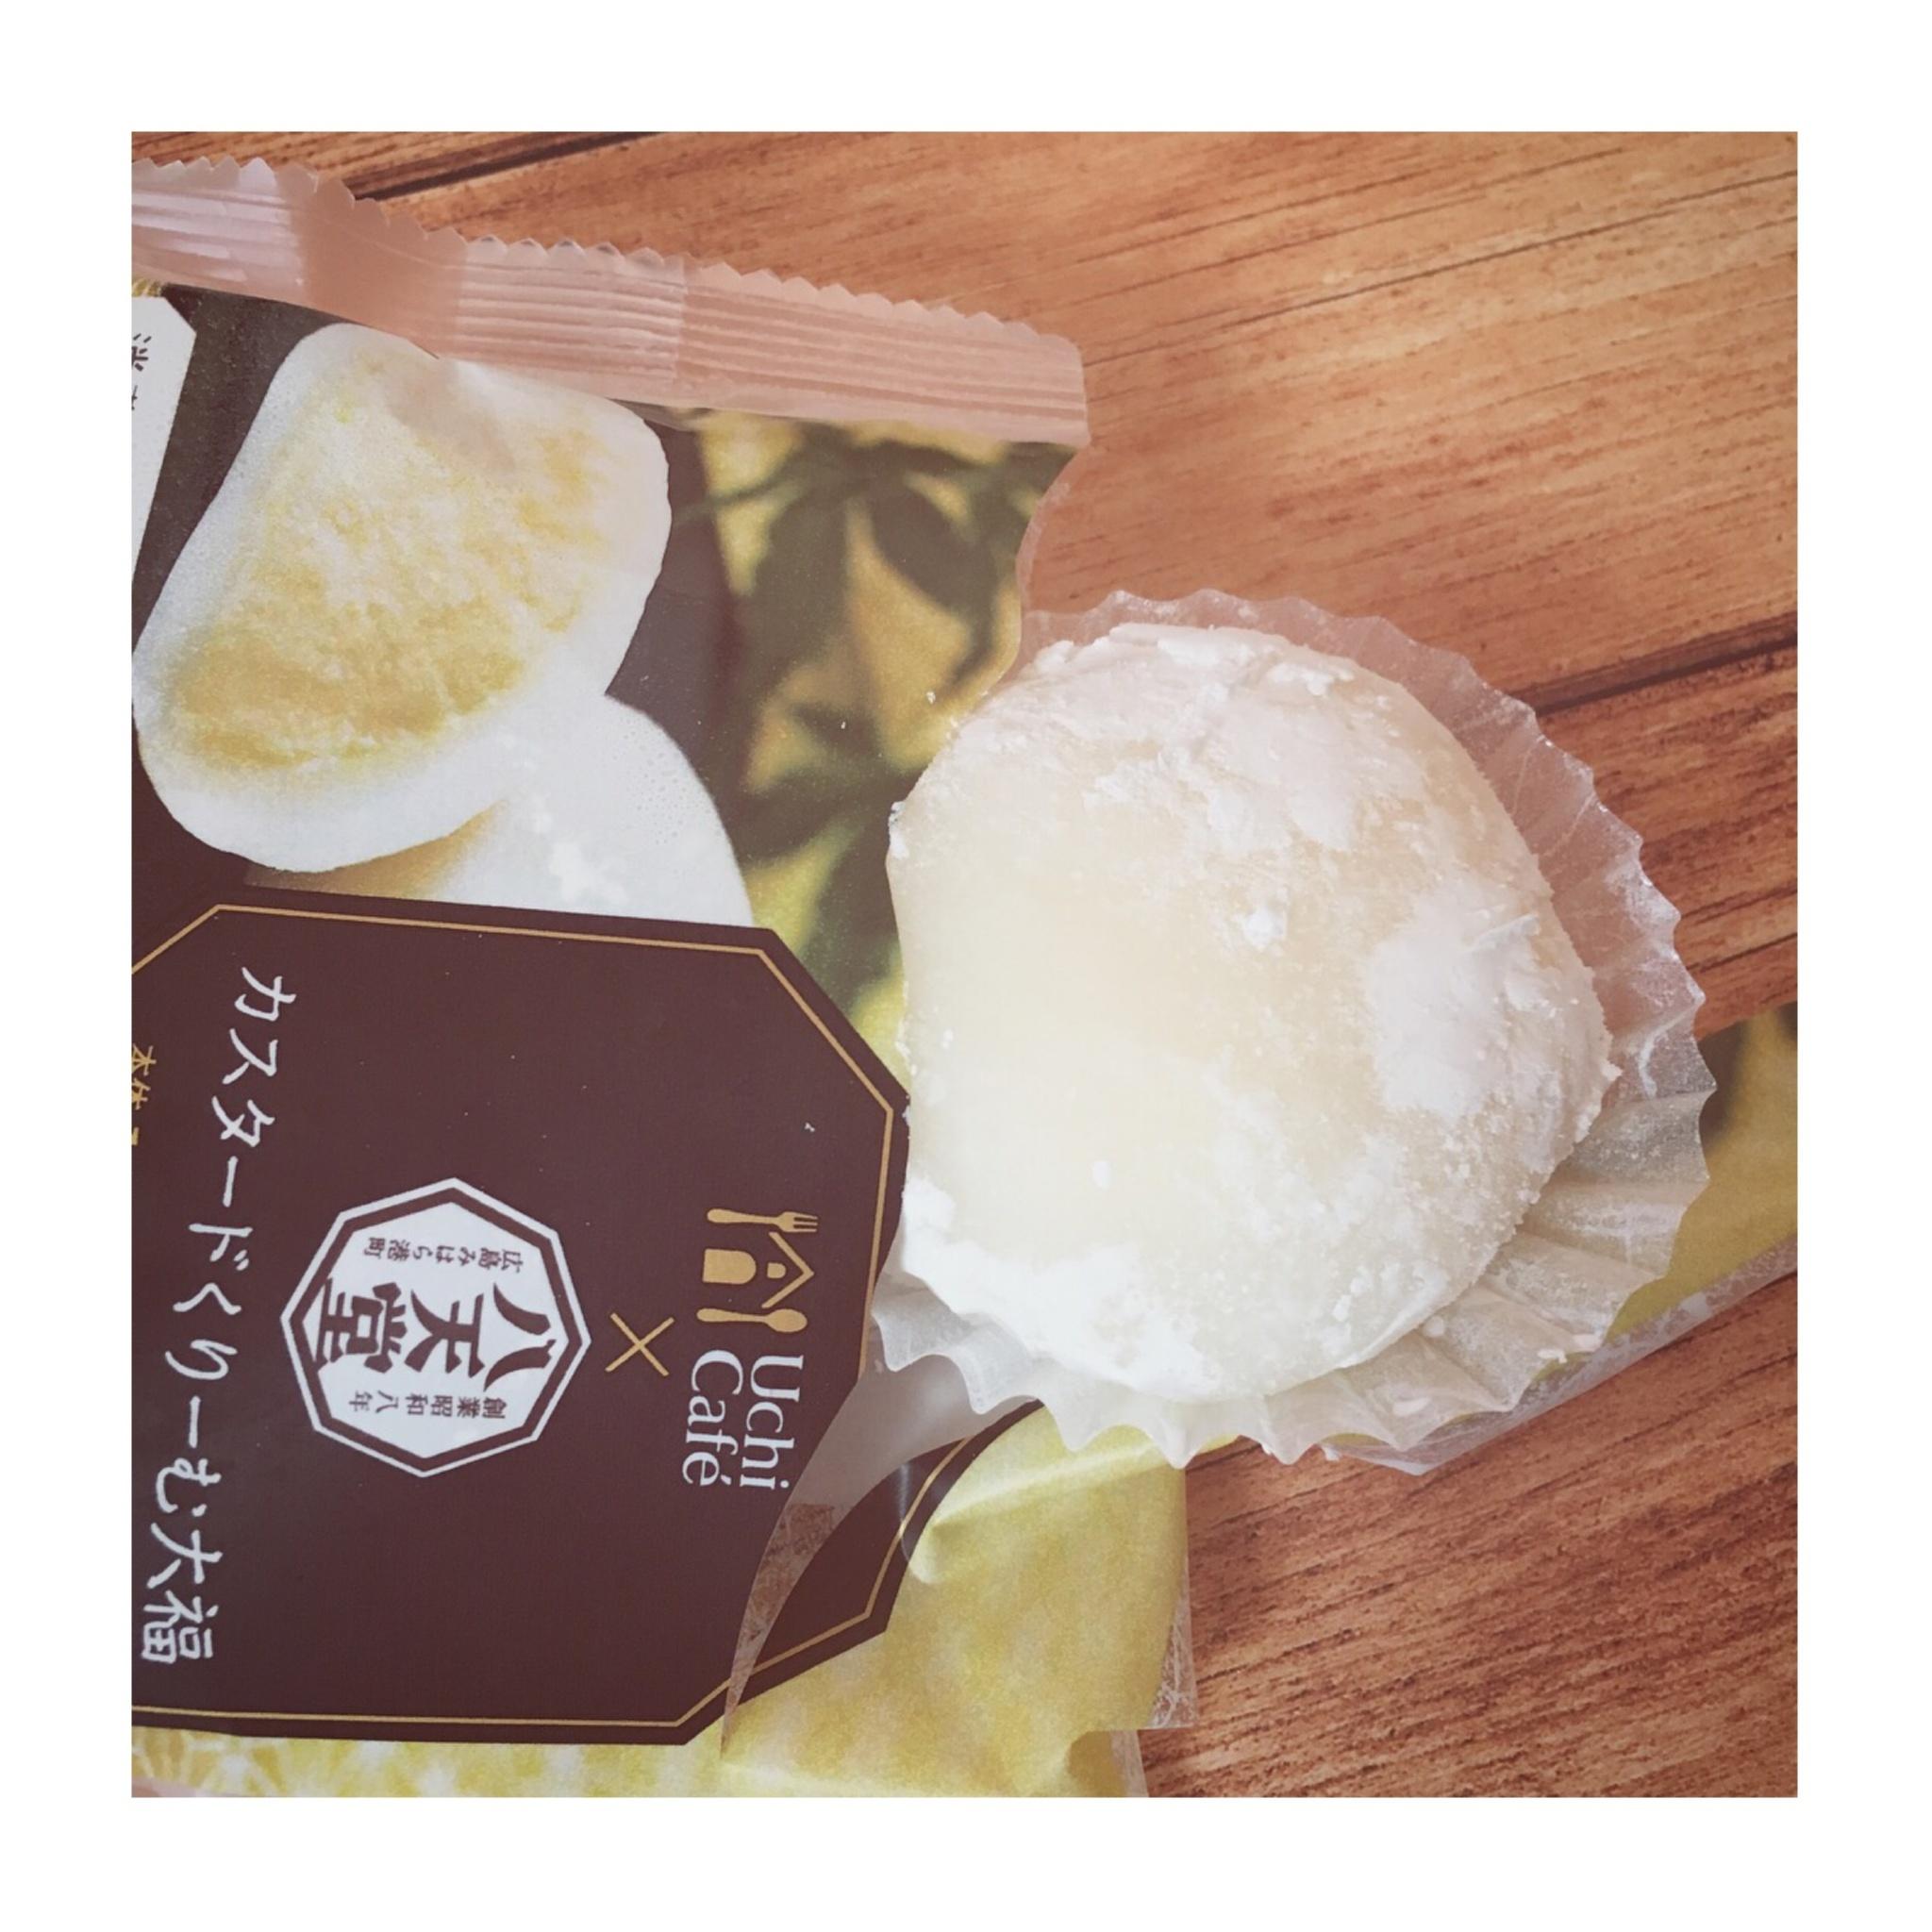 《大人気!》ローソンで買える【Uchi Cafe × 八天堂】のコラボ、カスタードくりーむ大福がおいしすぎる❤️_3